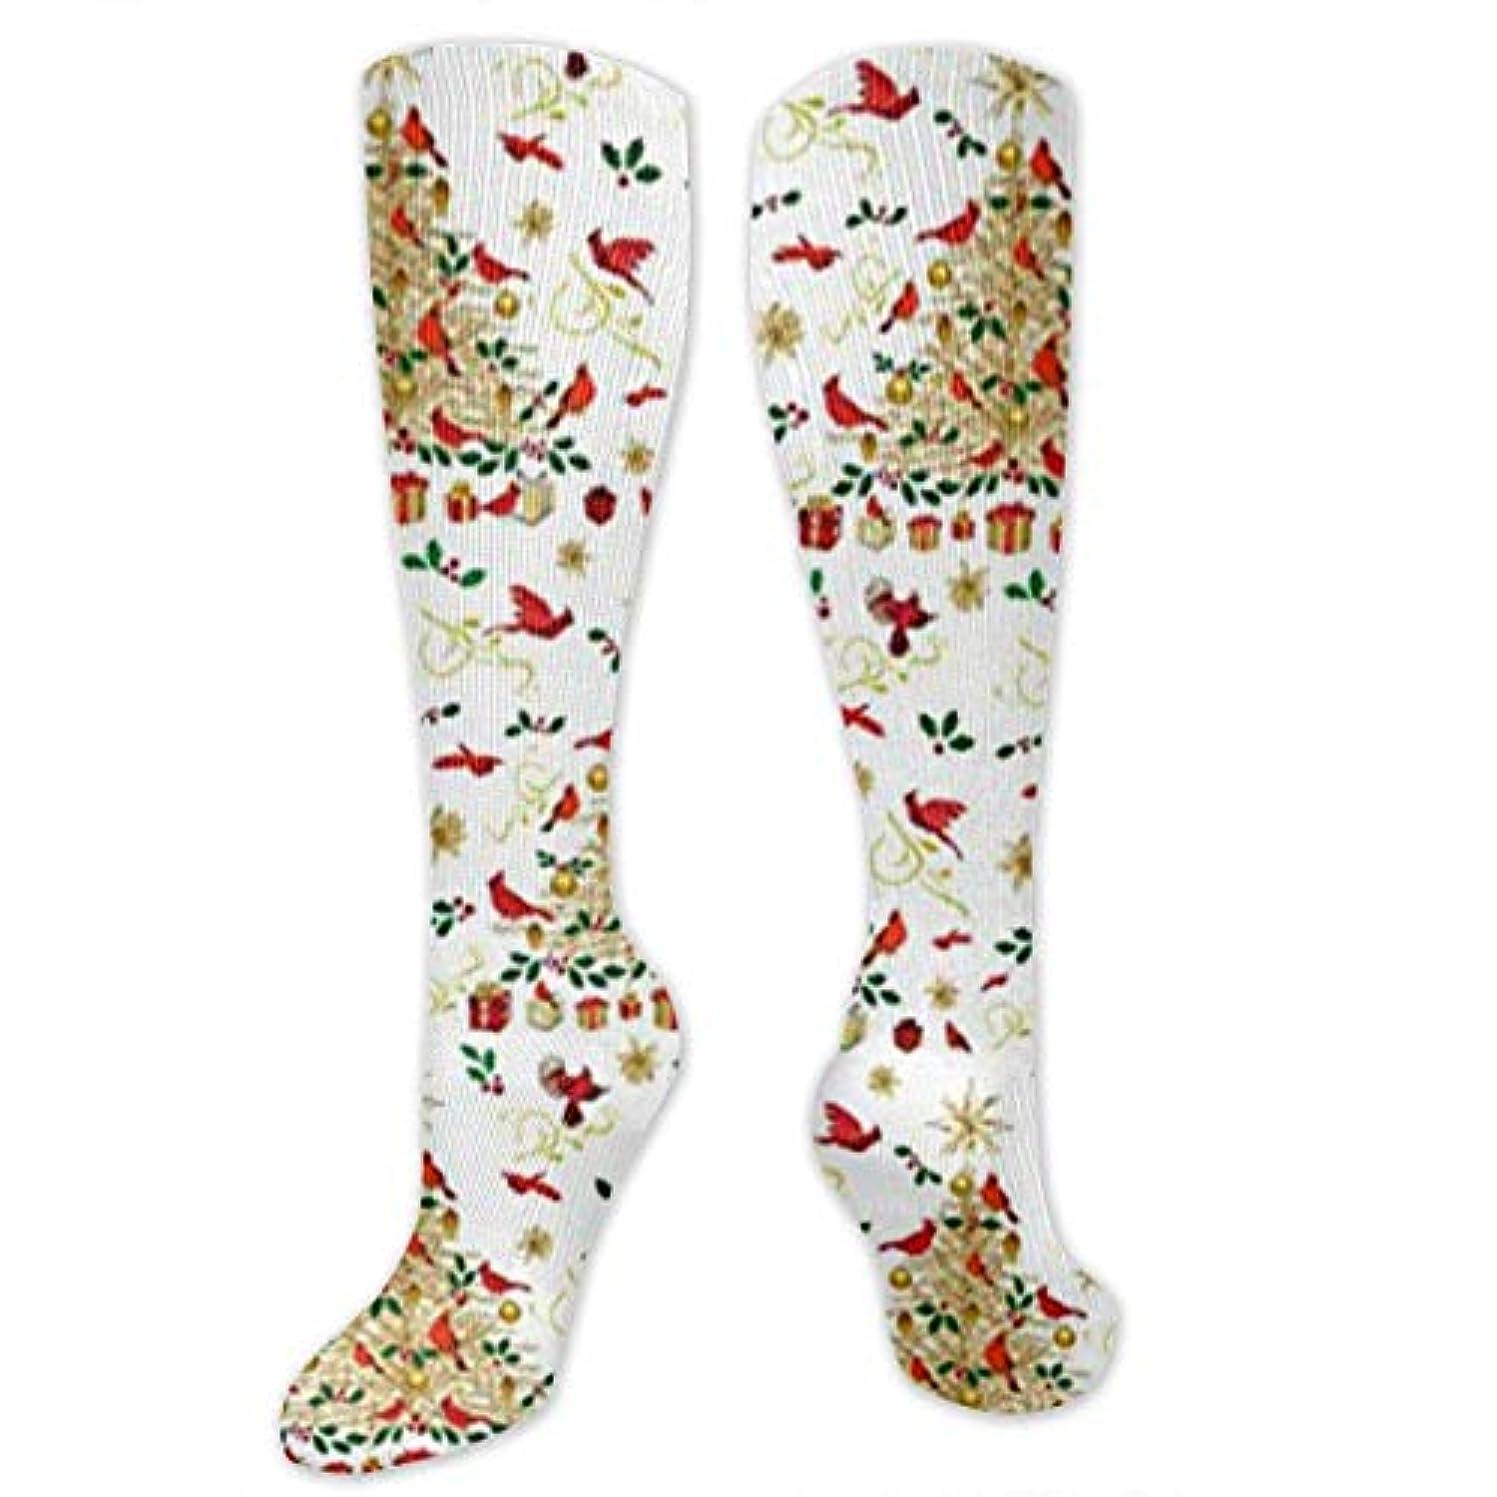 バスタブ兵隊チョーク靴下,ストッキング,野生のジョーカー,実際,秋の本質,冬必須,サマーウェア&RBXAA A Cardinal Christmas Wall Hanging Socks Women's Winter Cotton Long...